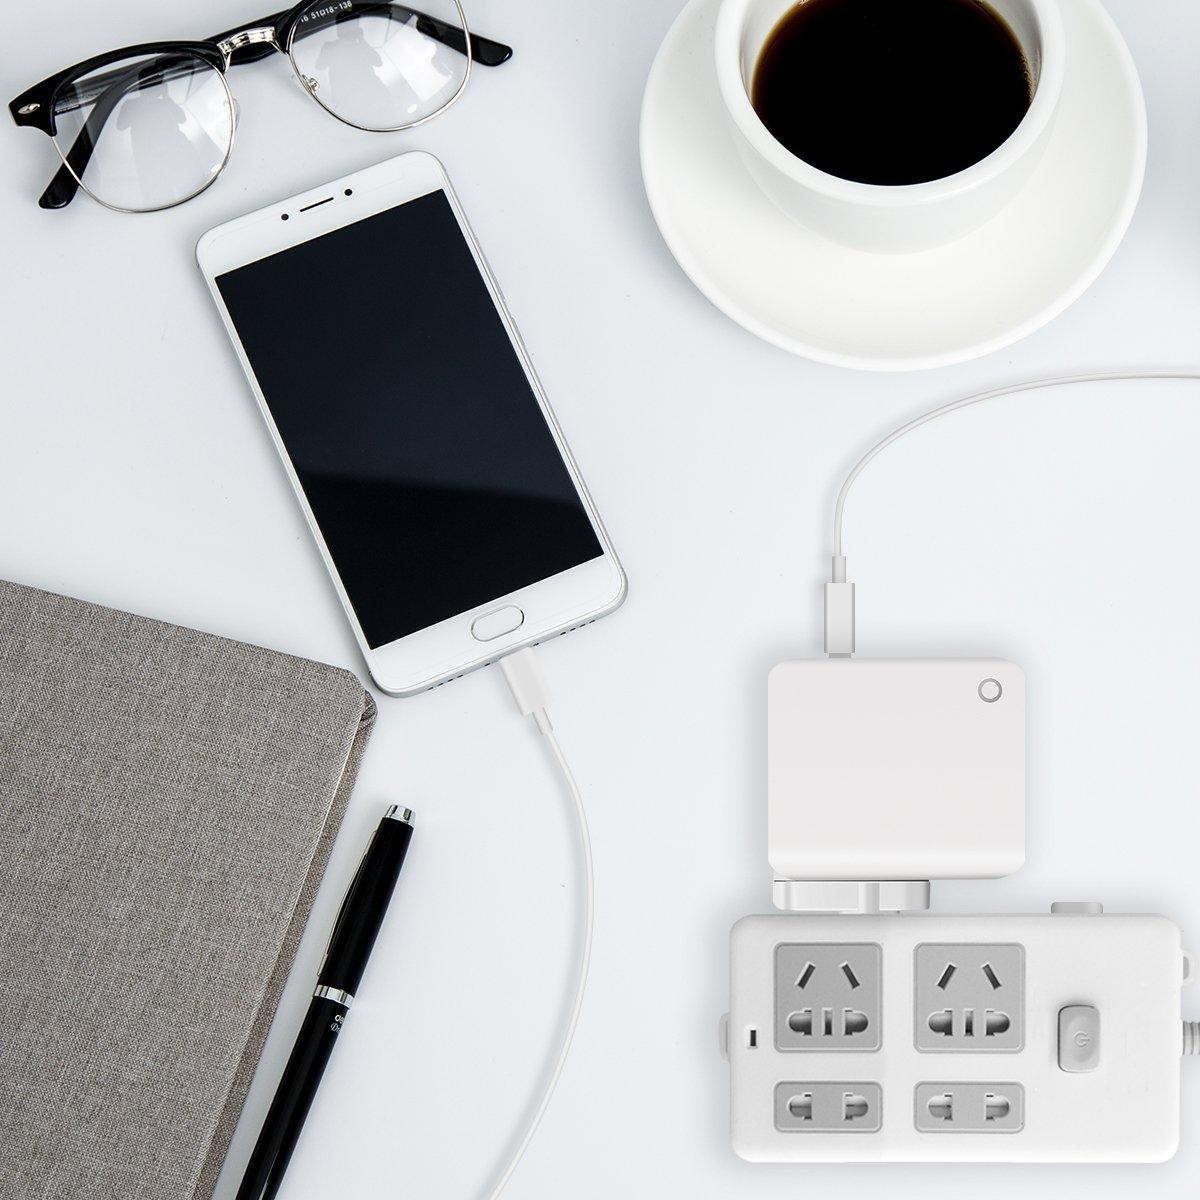 SAWAKE Chargeur Secteur USB 3 Ports Prise de Chargeur Universel 5V/ 3.4A Mural pour iPhone X/8/8 Plus, iPod, iPad Air/Pro, Samsung, HTC, LG, Huawei, Nexus, Honor, Sony et Les Autres Smartphones